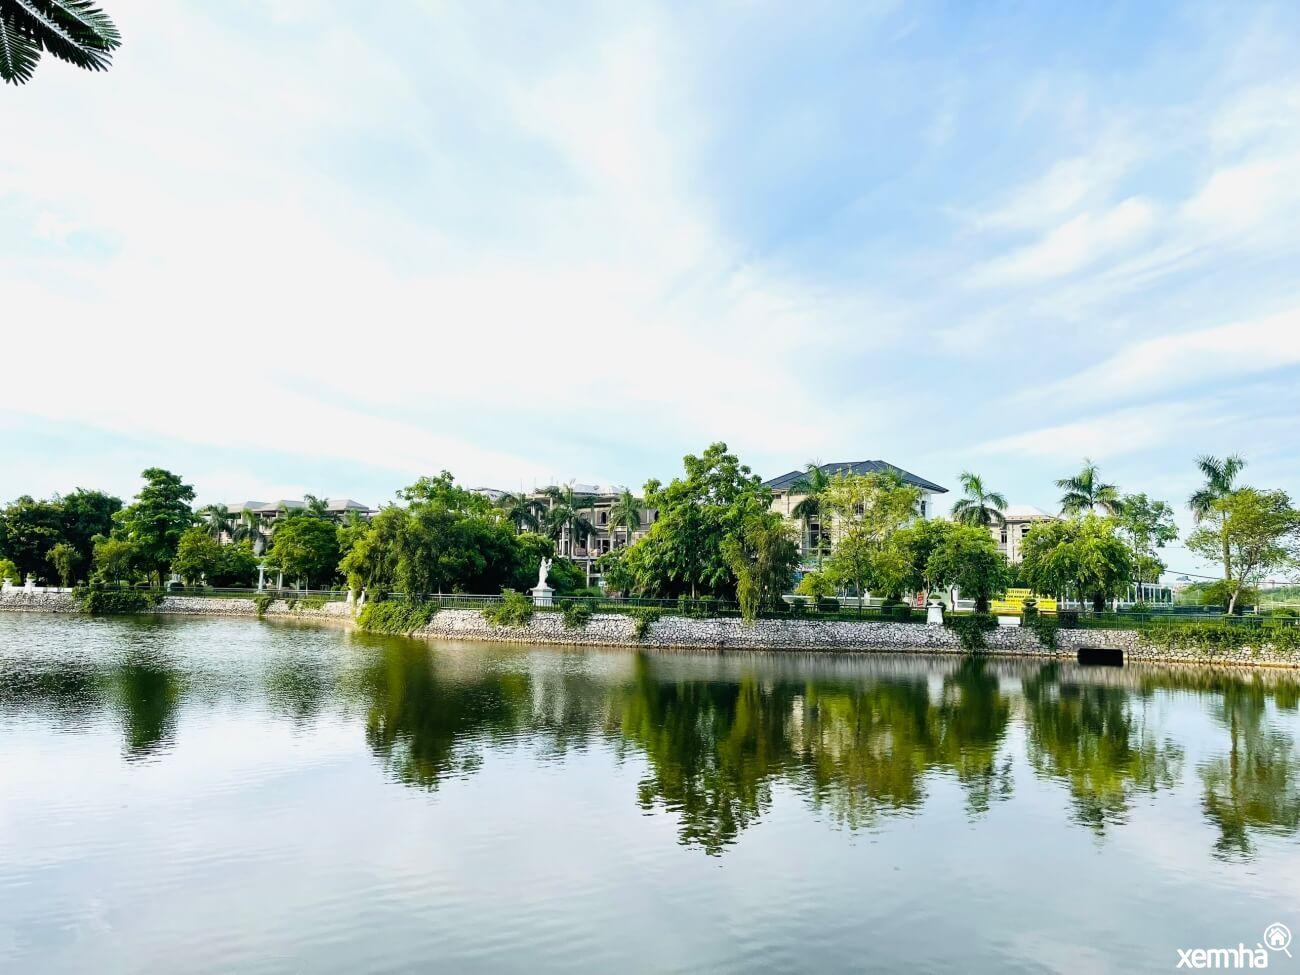 Hồ điều hoà dự án Vườn Cam